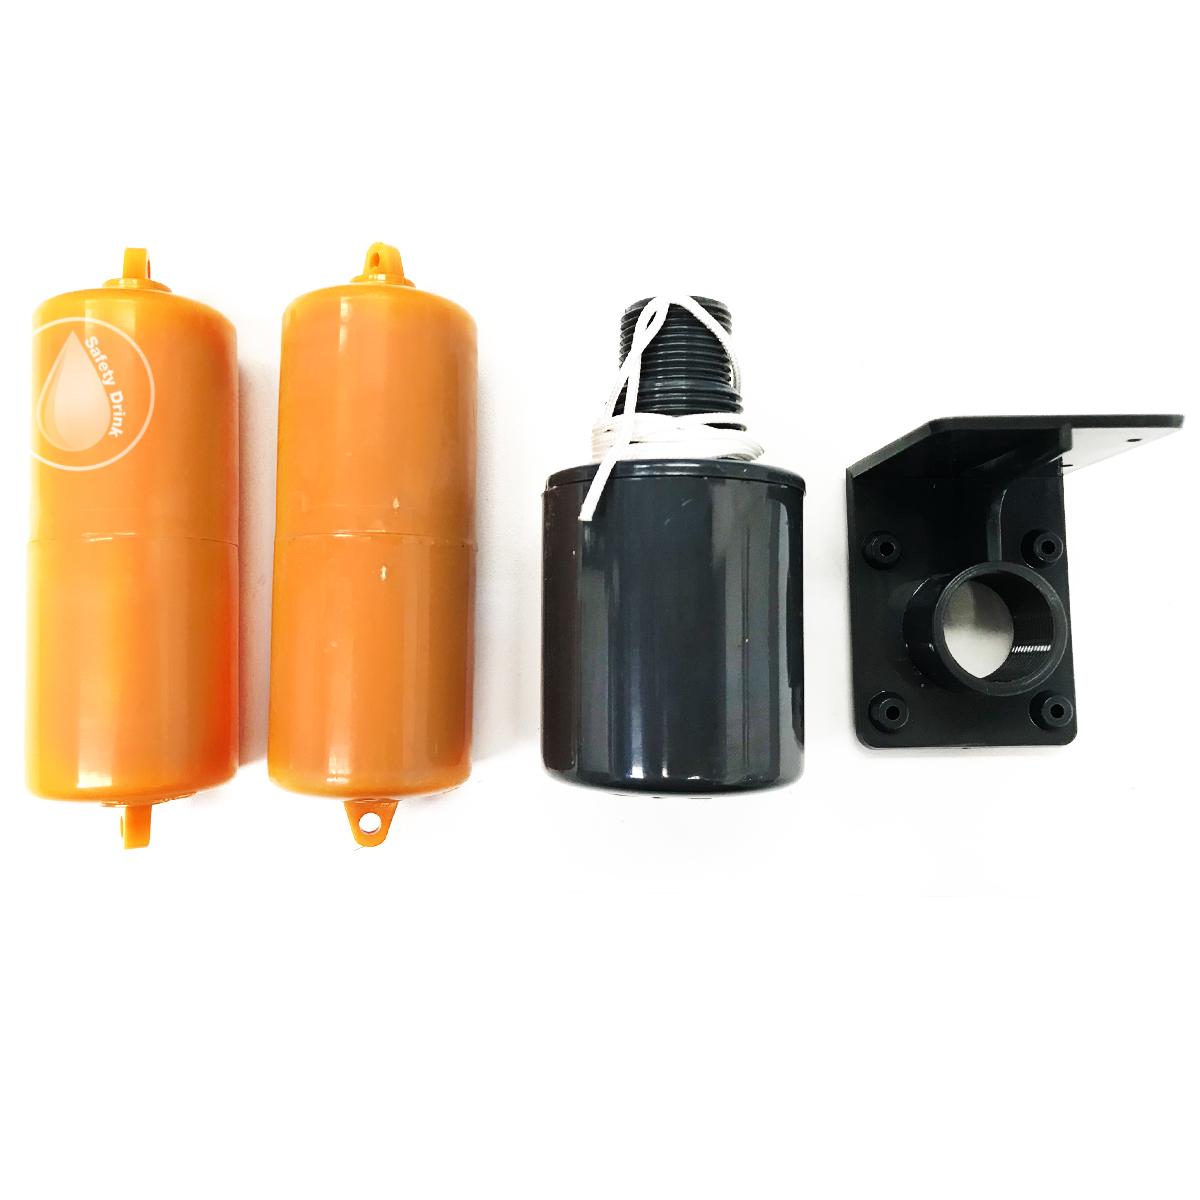 ลูกลอย RADAR No.220 (ไฟฟ้า, 220 V)